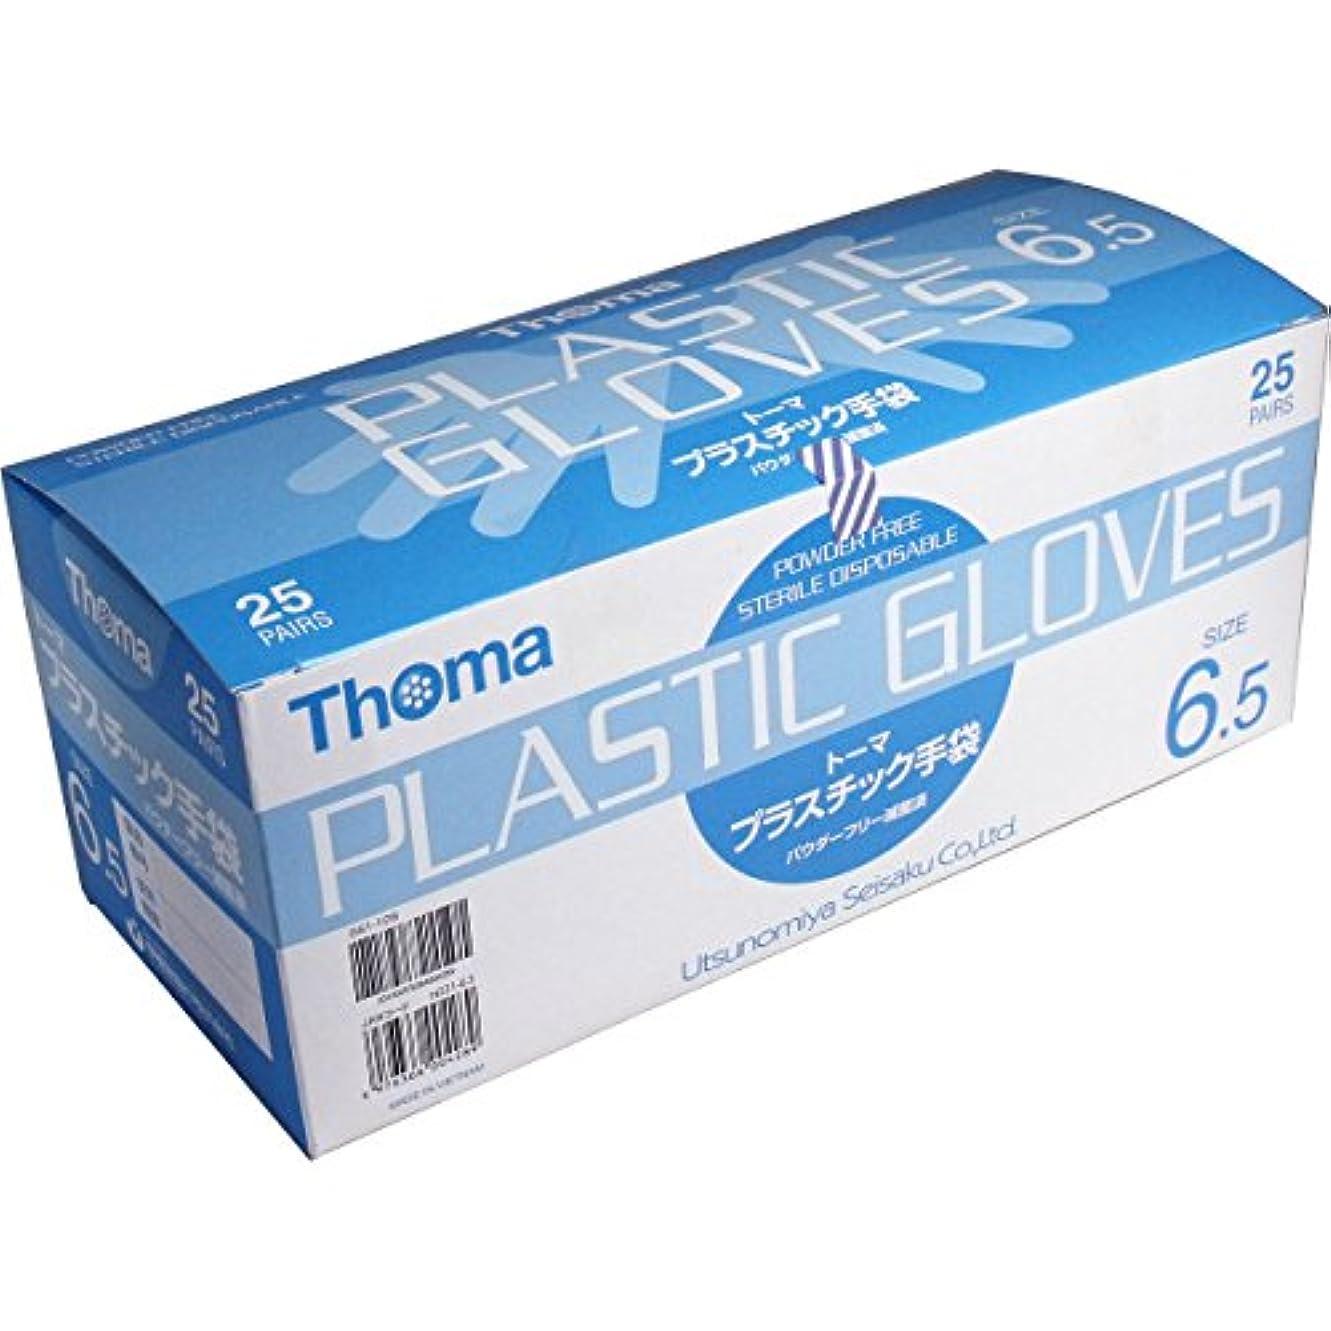 尽きる雨の創造超薄手プラスチック手袋 1双毎に滅菌包装、衛生的 便利 トーマ プラスチック手袋 パウダーフリー滅菌済 25双入 サイズ6.5【5個セット】